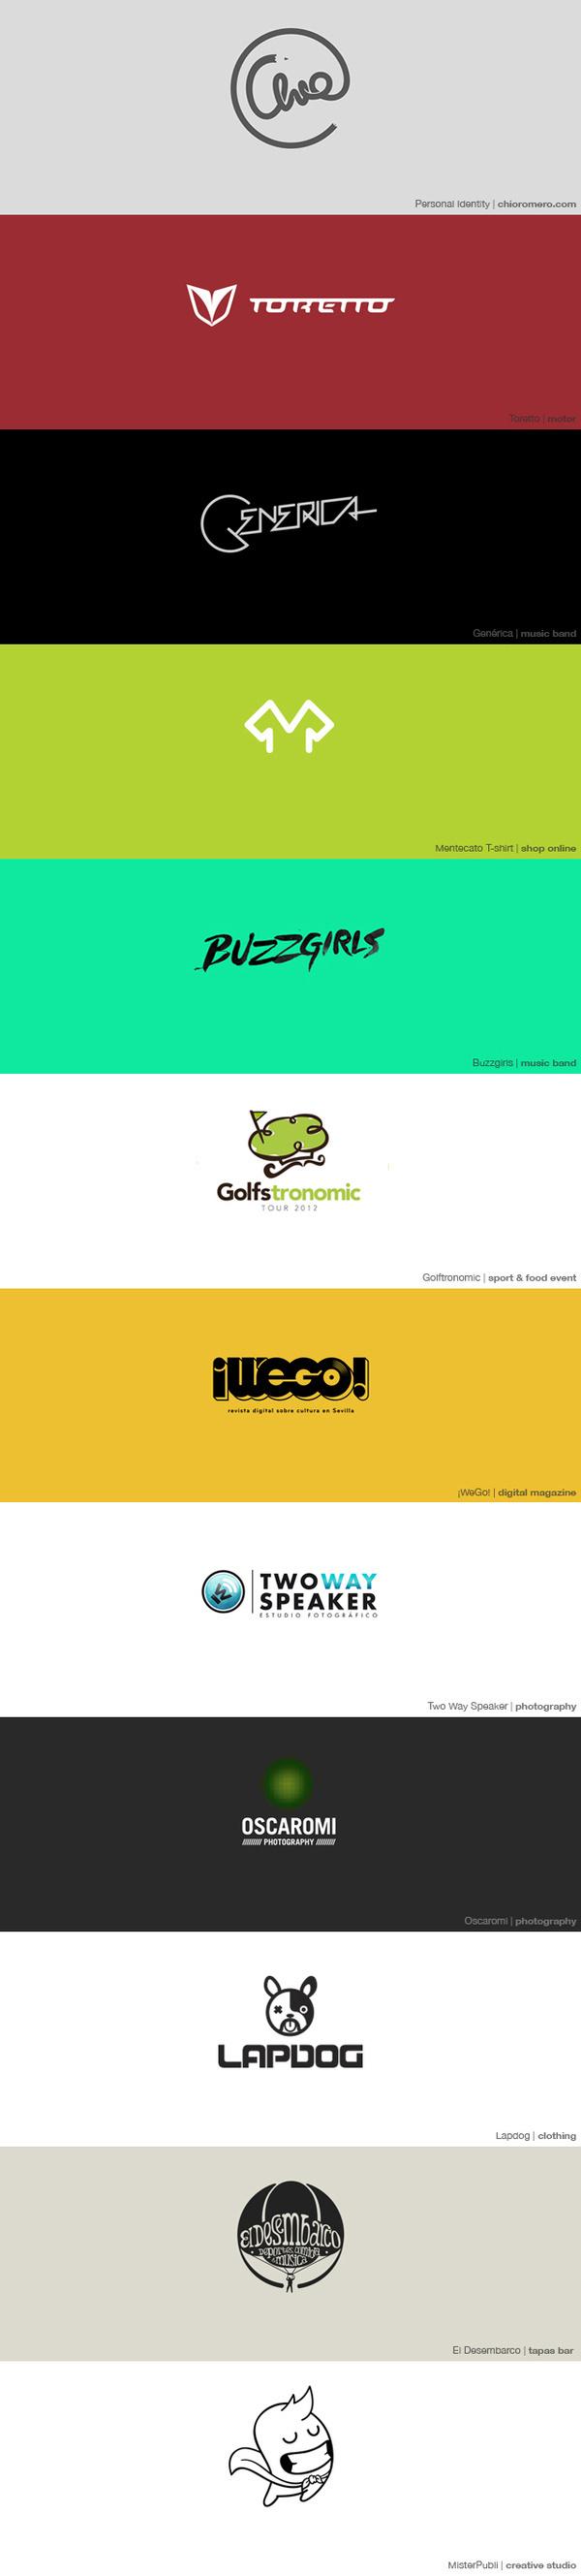 Logos #logos #chio